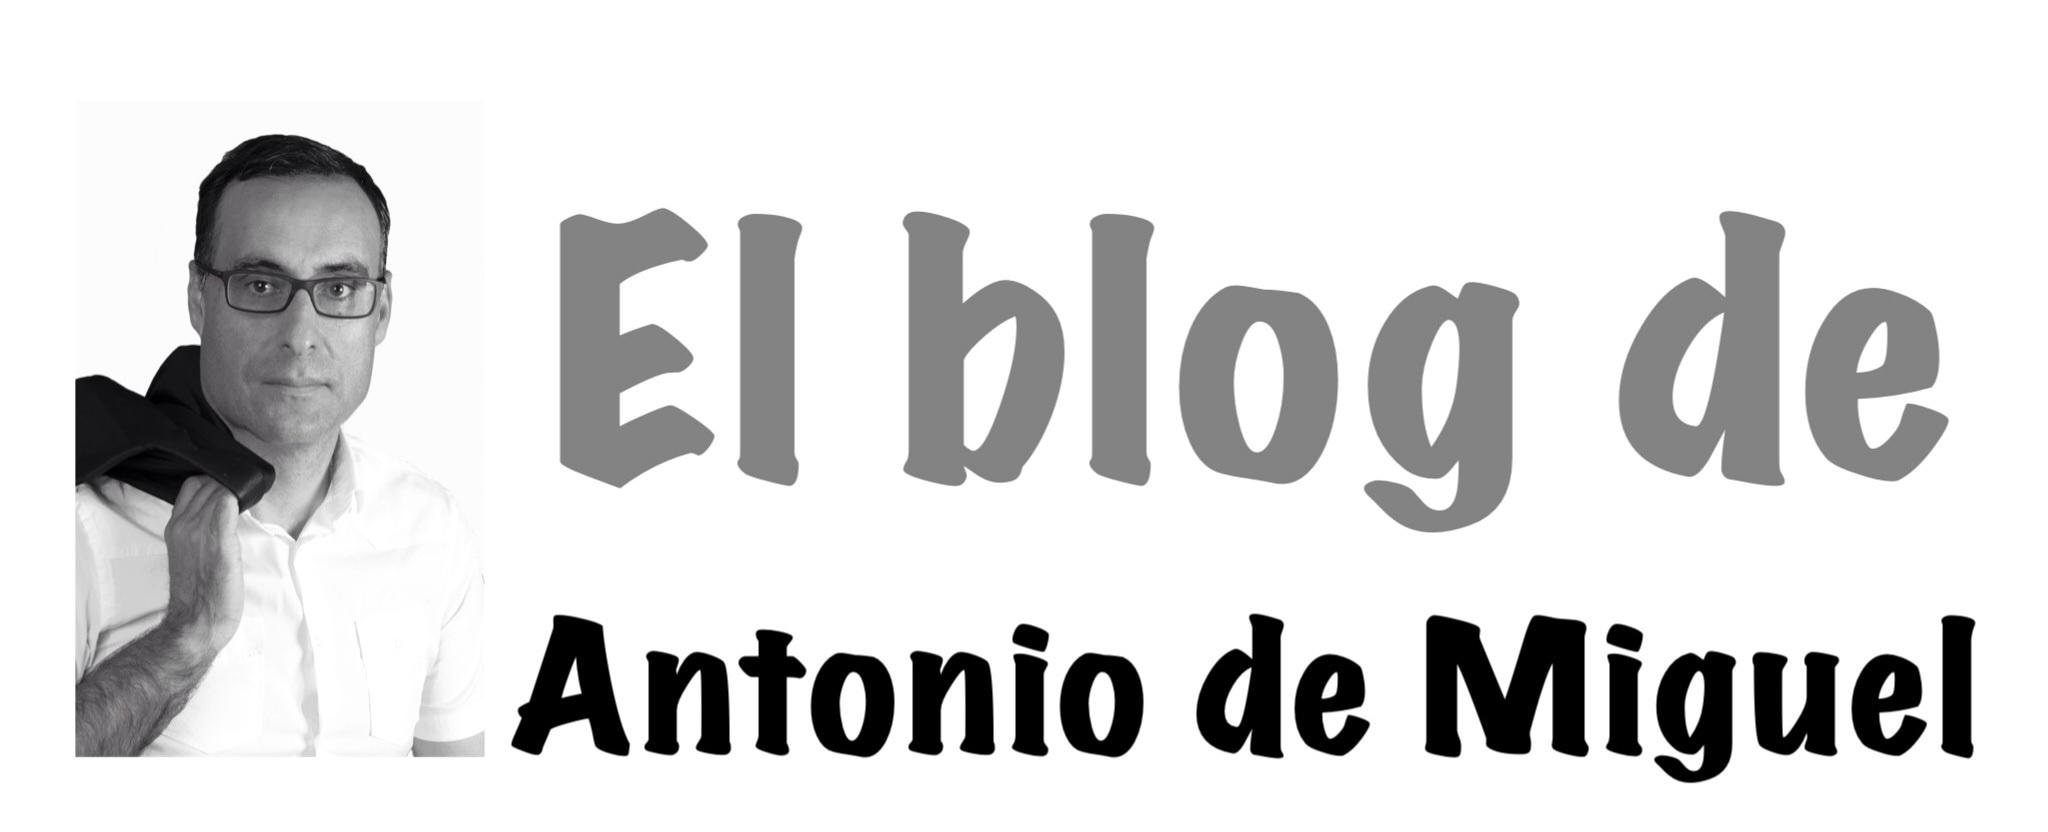 AntonioDeMiguelAnton